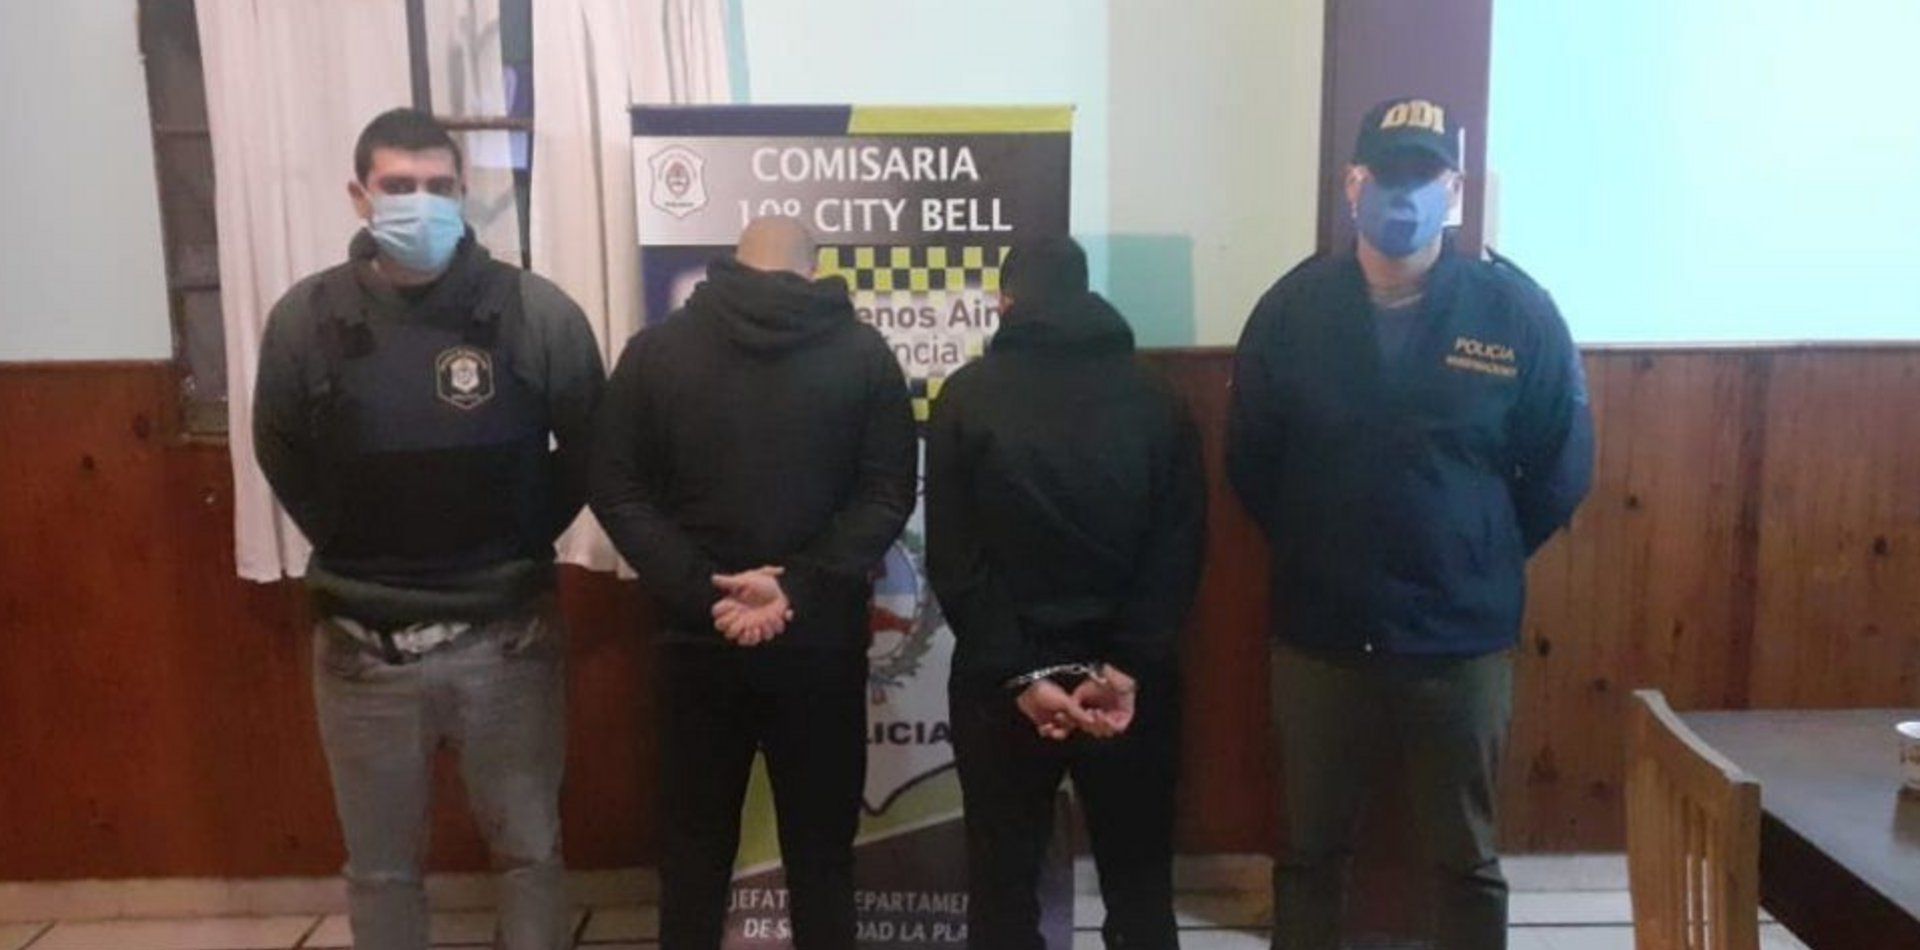 Los hombres acusados de matar a una mujer delante de su hijo en City Bell seguirán presos